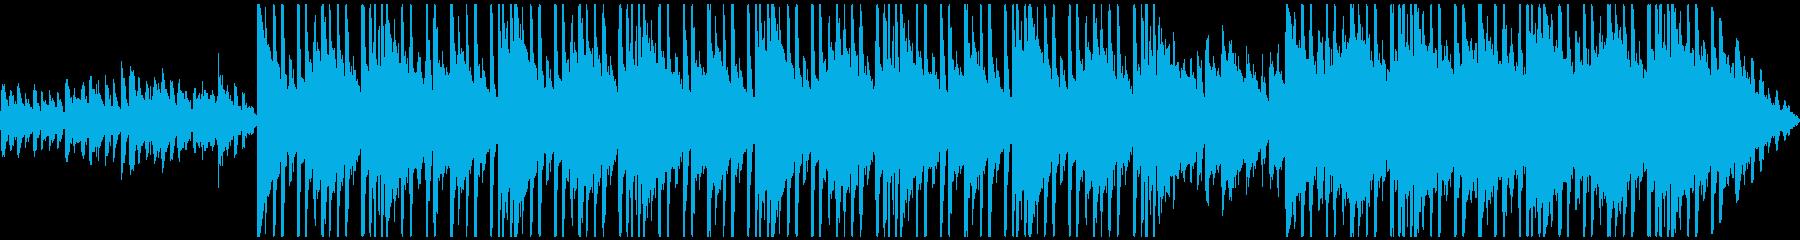 ヒップホップ 神経質 燃える 悲観...の再生済みの波形